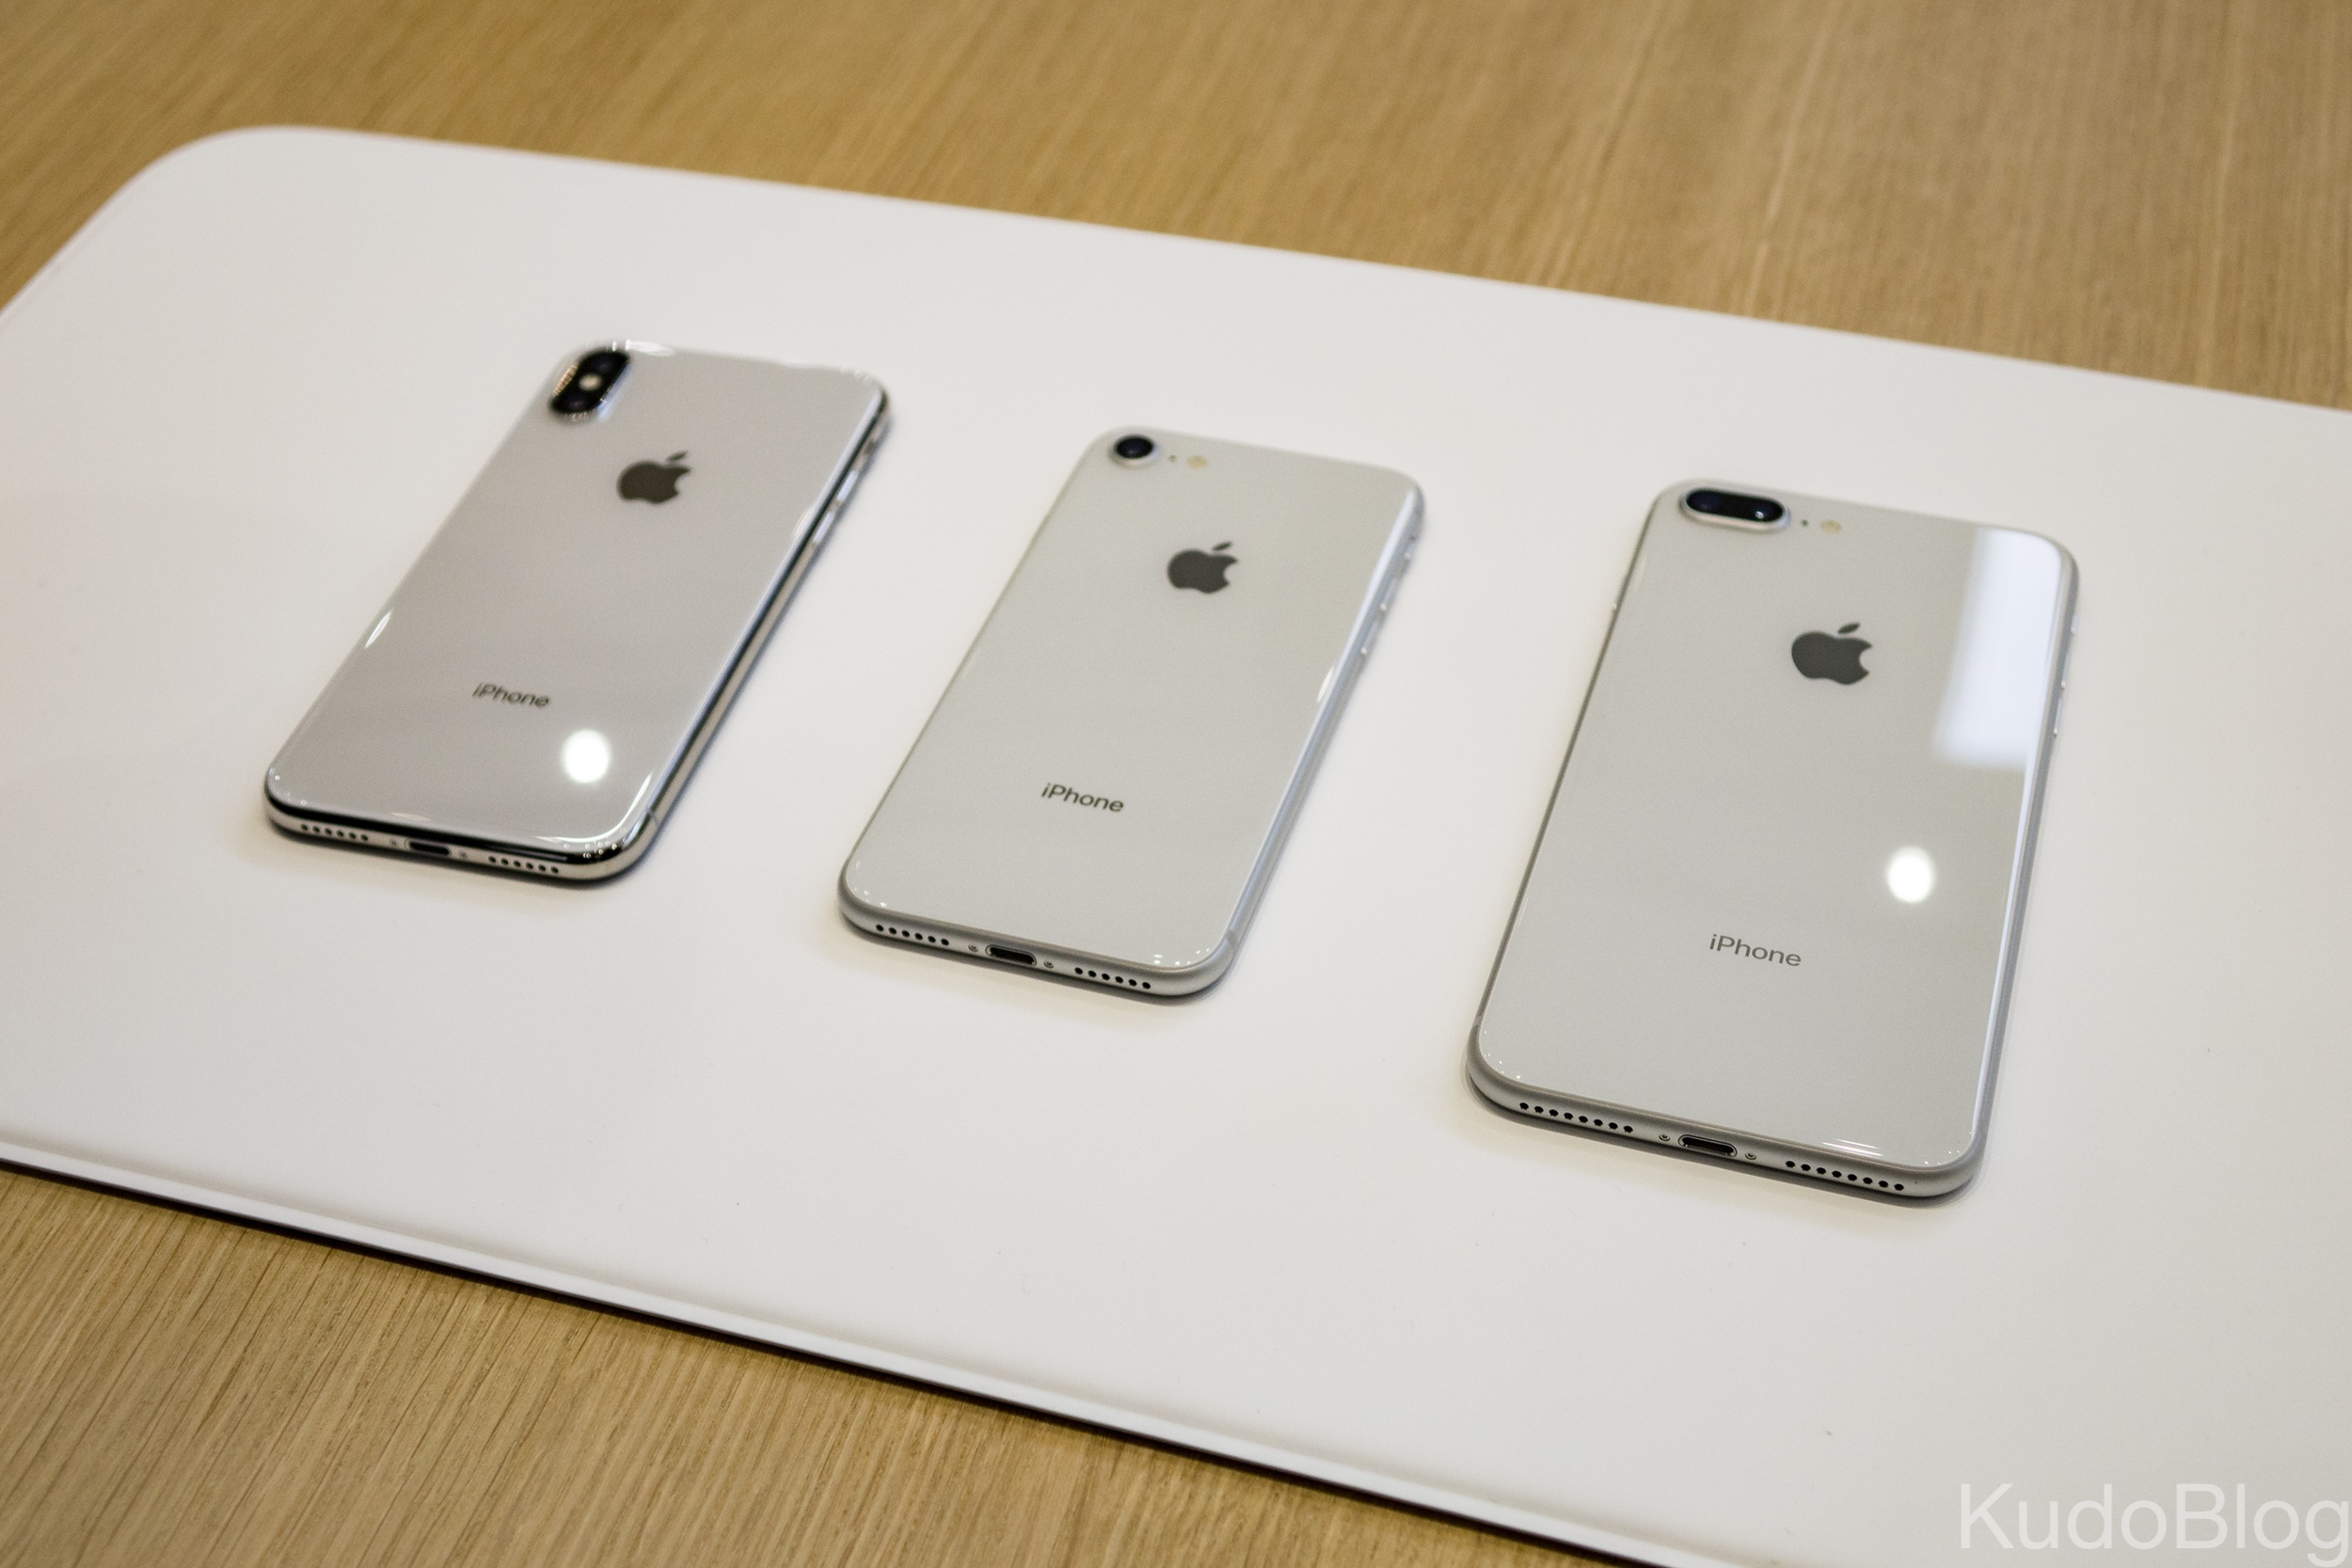 왼쪽부터 아이폰 X, 아이폰 8, 아이폰 8 플러스. (닥터몰라 제공)